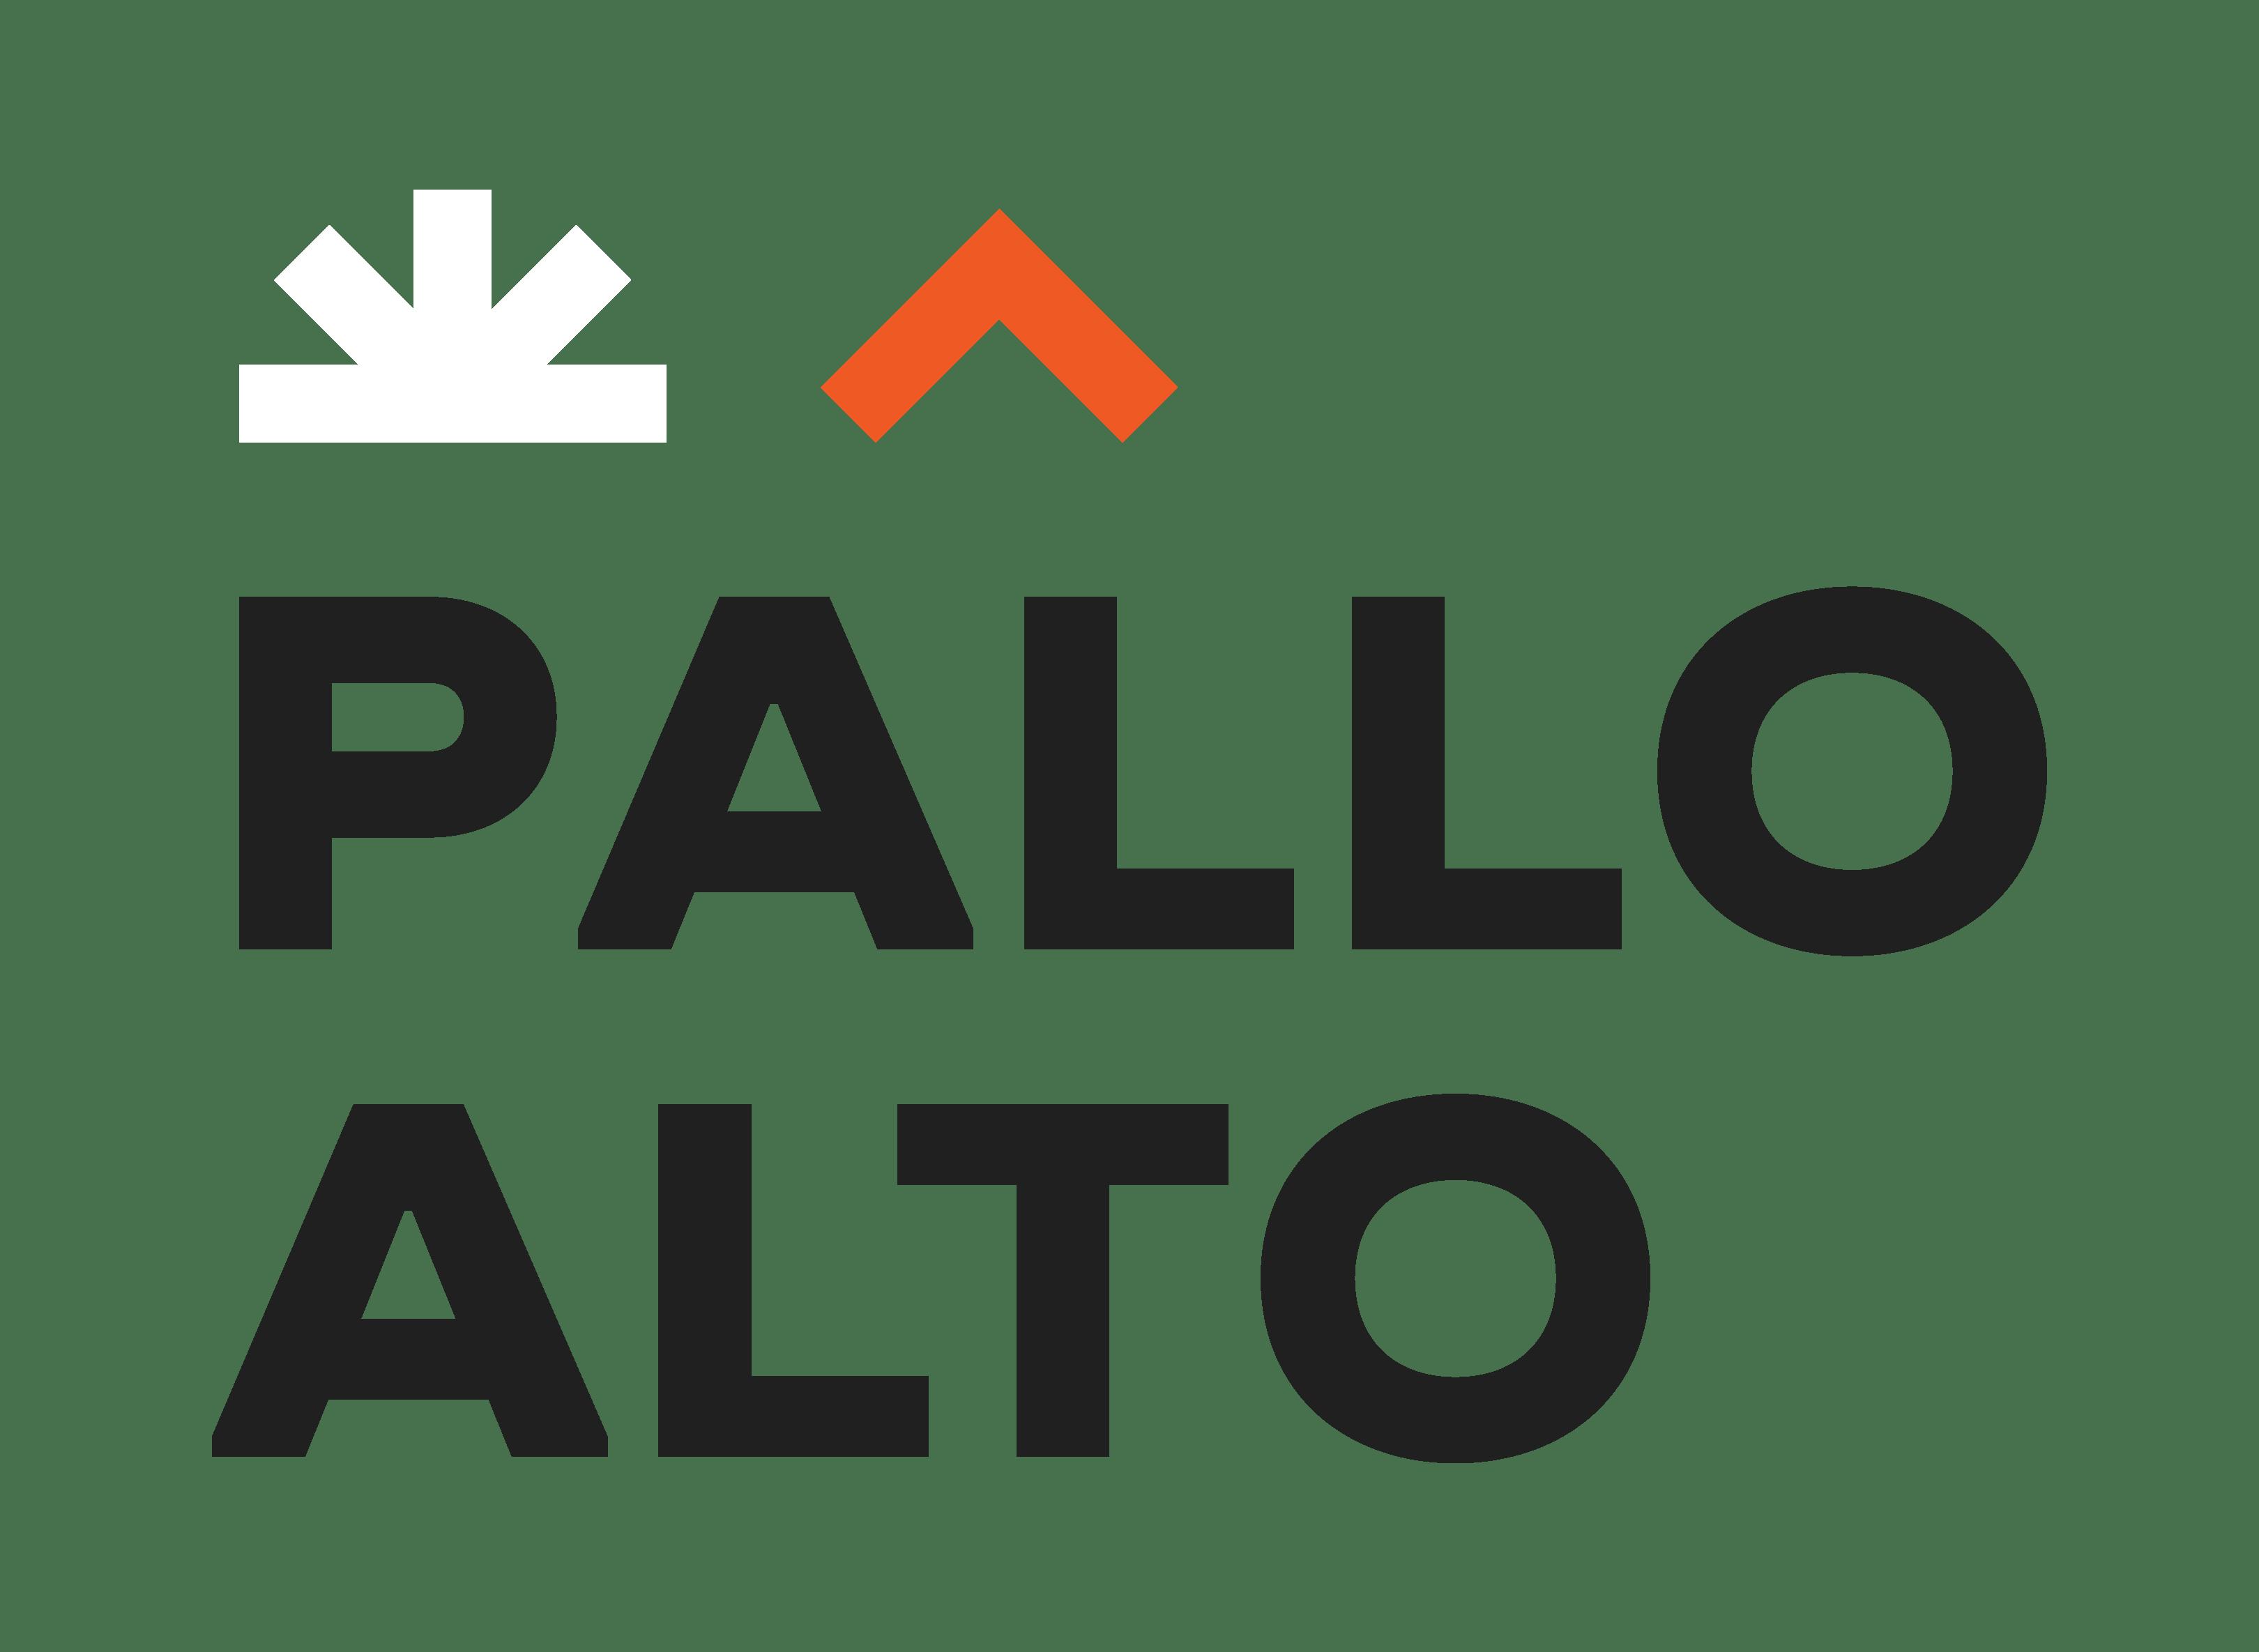 КГ PALLO ALTO